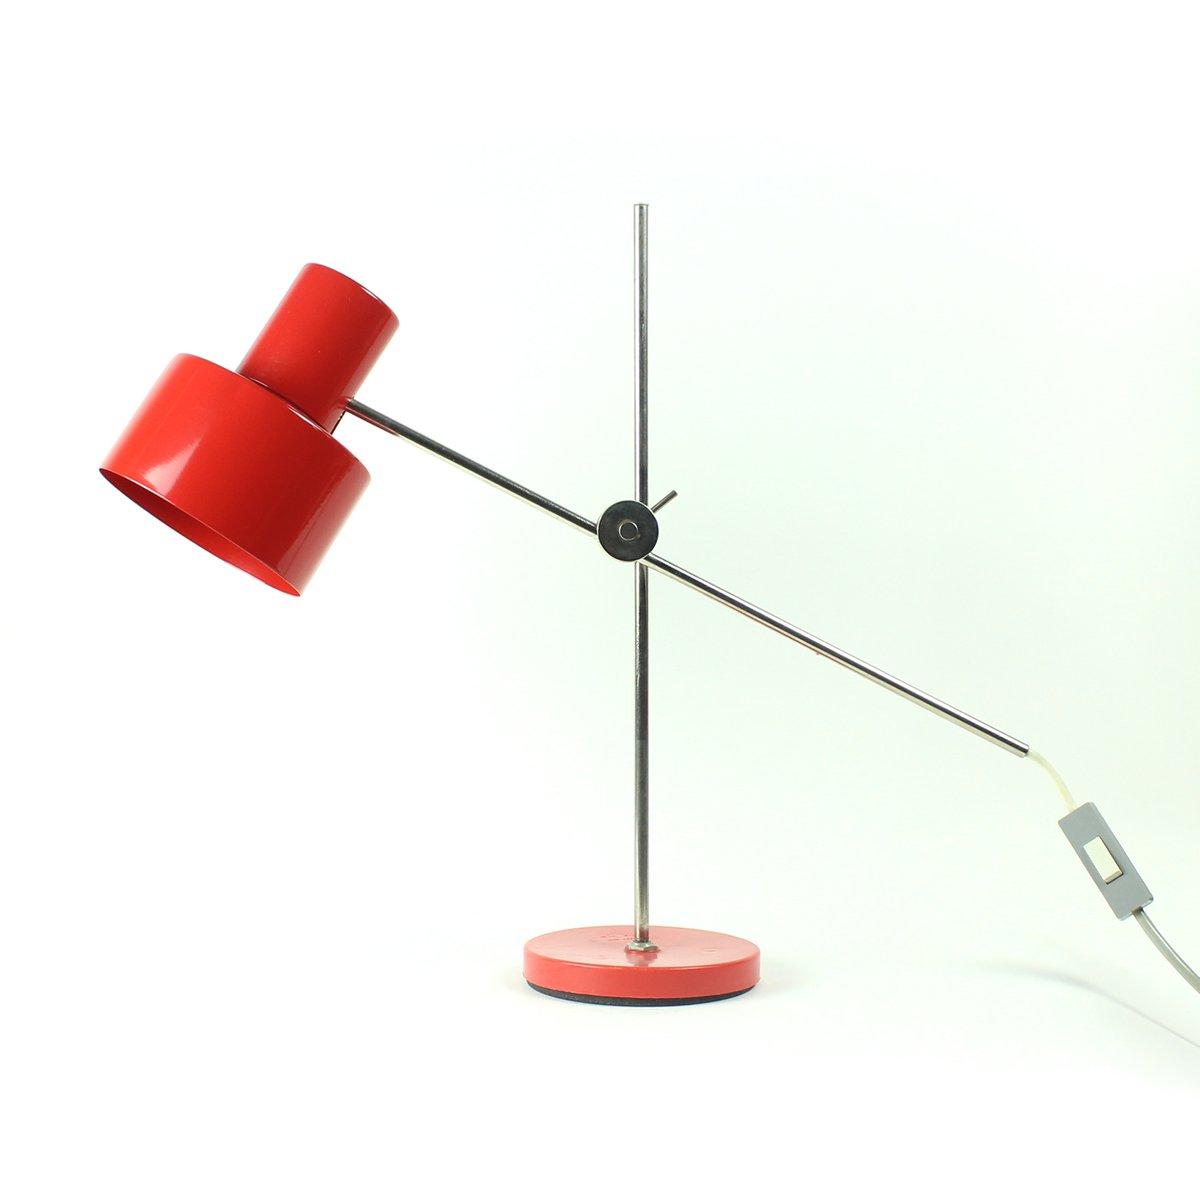 lampe de bureau rouge tch coslovaque par jan suchan pour elektrosvit 1967 en vente sur pamono. Black Bedroom Furniture Sets. Home Design Ideas